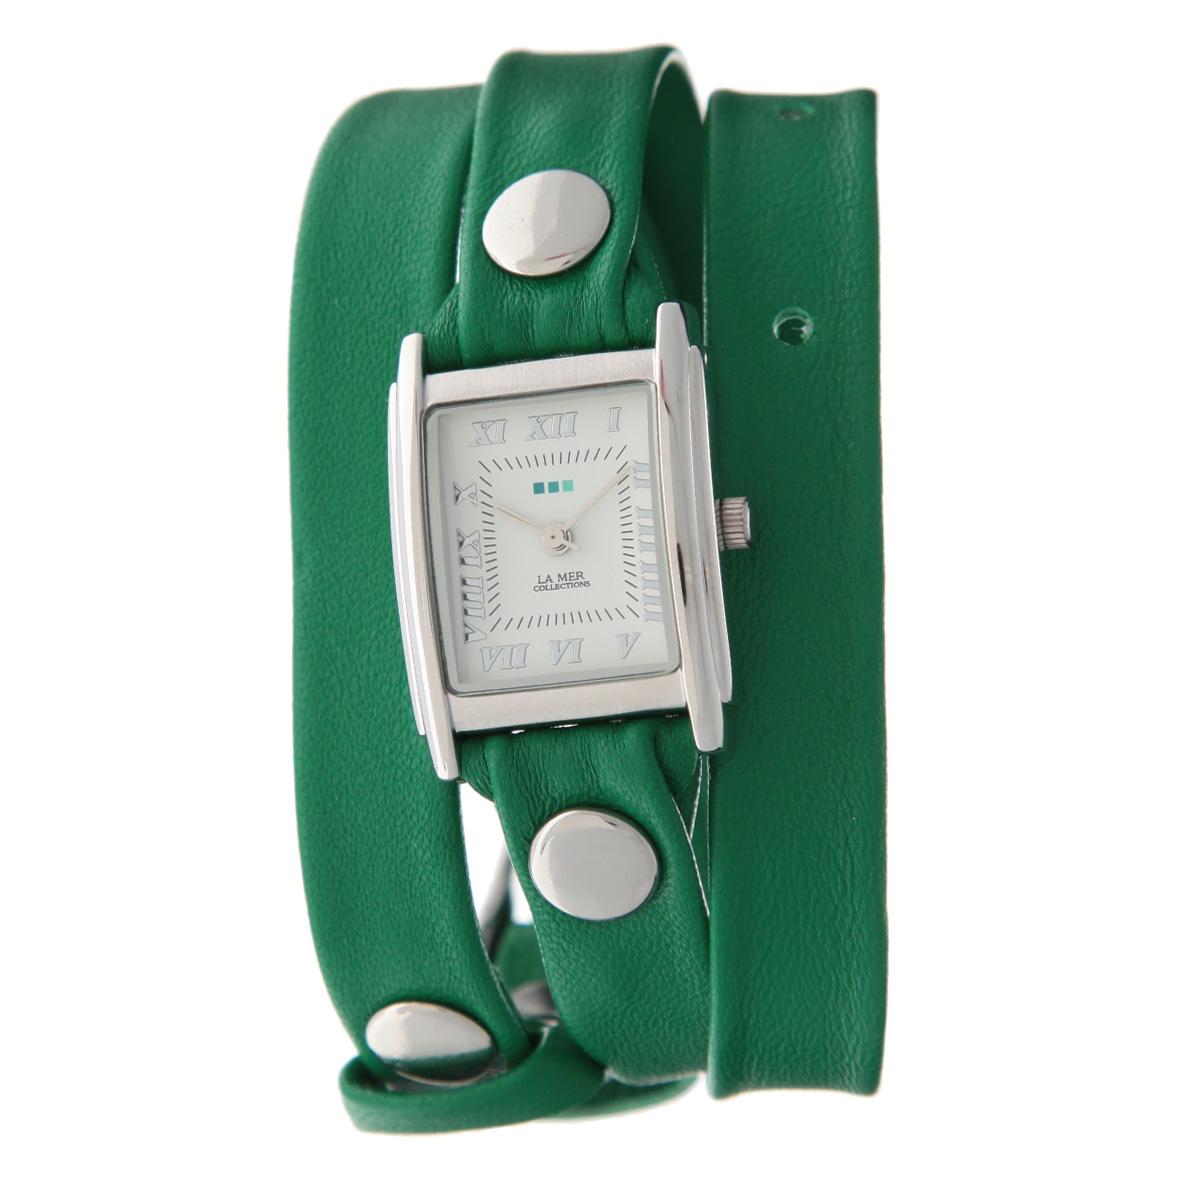 Часы наручные женские La Mer Collections Simple Kelly Green/Silver. LMSTW1012x47006_синийЖенские наручные часы  La Mer Collections позволят вам выделиться из толпы и подчеркнуть свою индивидуальность. Часы оснащены японским кварцевым механизмом Seiko. Ремешок выполнен из натуральной итальянской кожи и декорирован металлическими заклепками. Корпус часов изготовлен из сплава металлов, серебристого цвета. Циферблат оснащен часовой, минутной и секундной стрелками и защищен минеральным стеклом. Часы застегиваются на классическую застежку. Часы хранятся на специальной подушечке в футляре из искусственной кожи, крышка которого оформлена логотипом компании La Mer Collection. Характеристики: Размер циферблата: 25 х 23 х 8 мм. Размер ремешка: 550 х 13 мм. Не содержат никель. Не водостойкие. Собираются вручную в США.